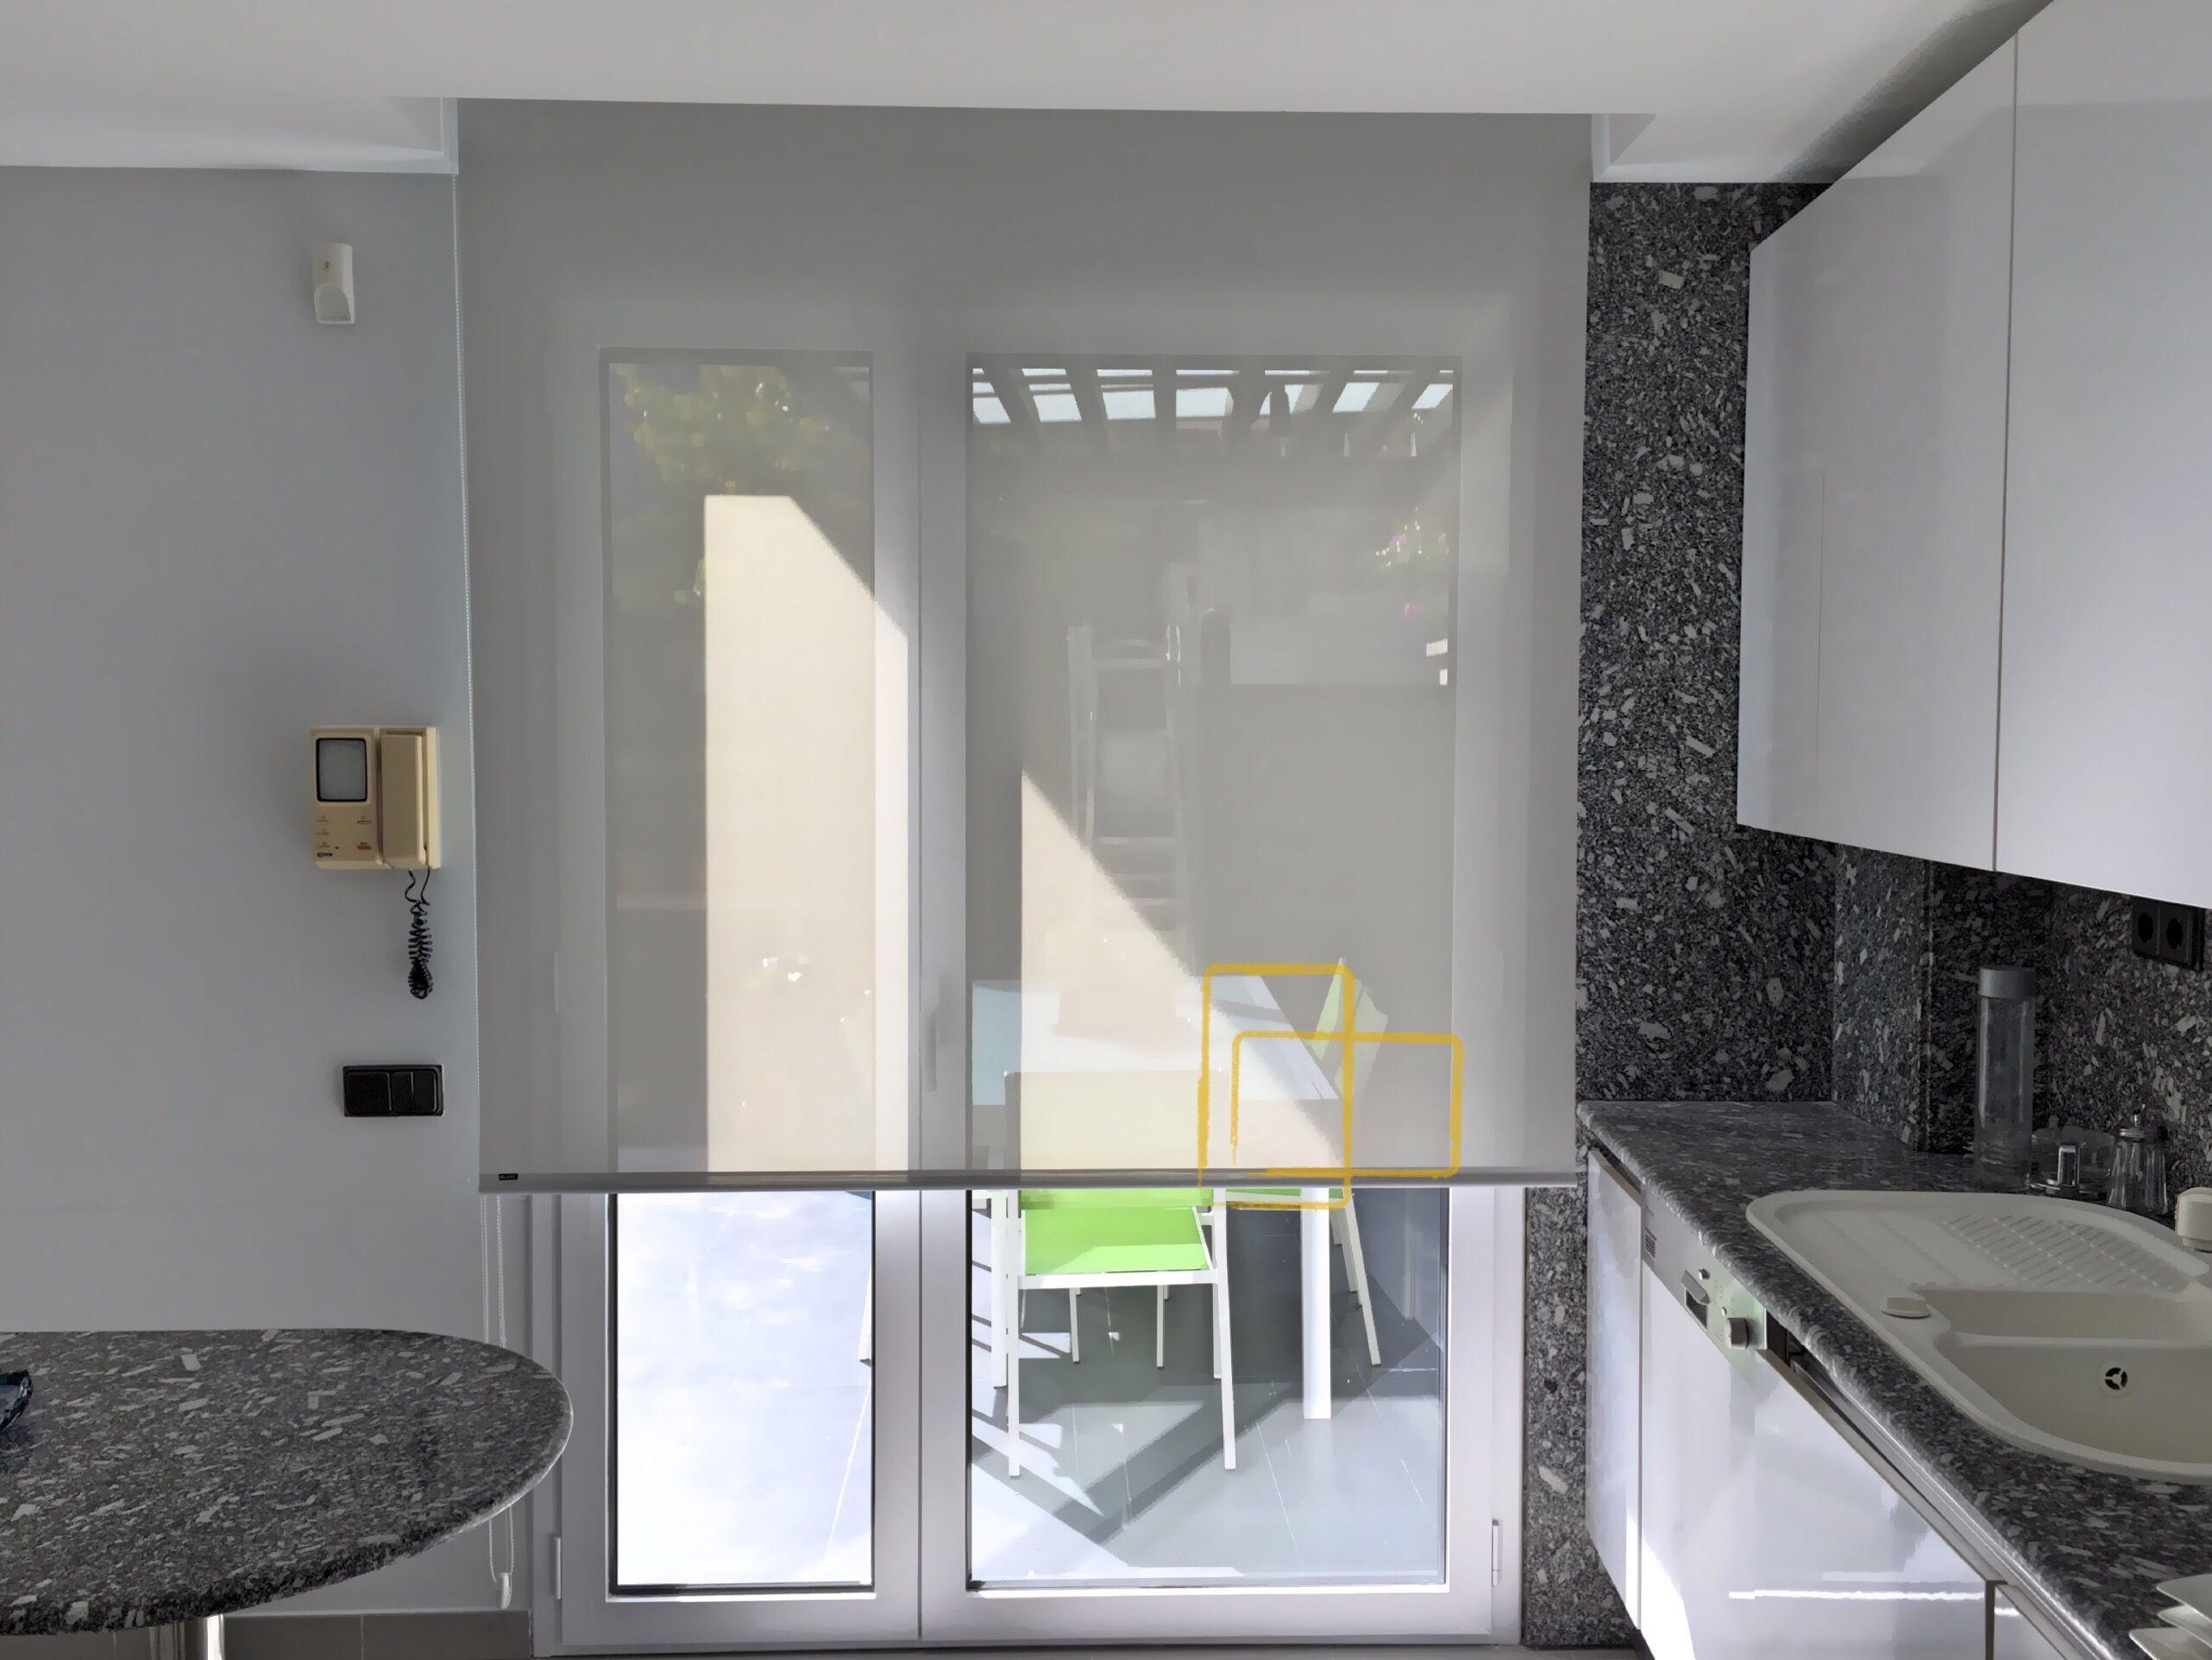 Cortina enrollable ideal para cocinas solart cortinas